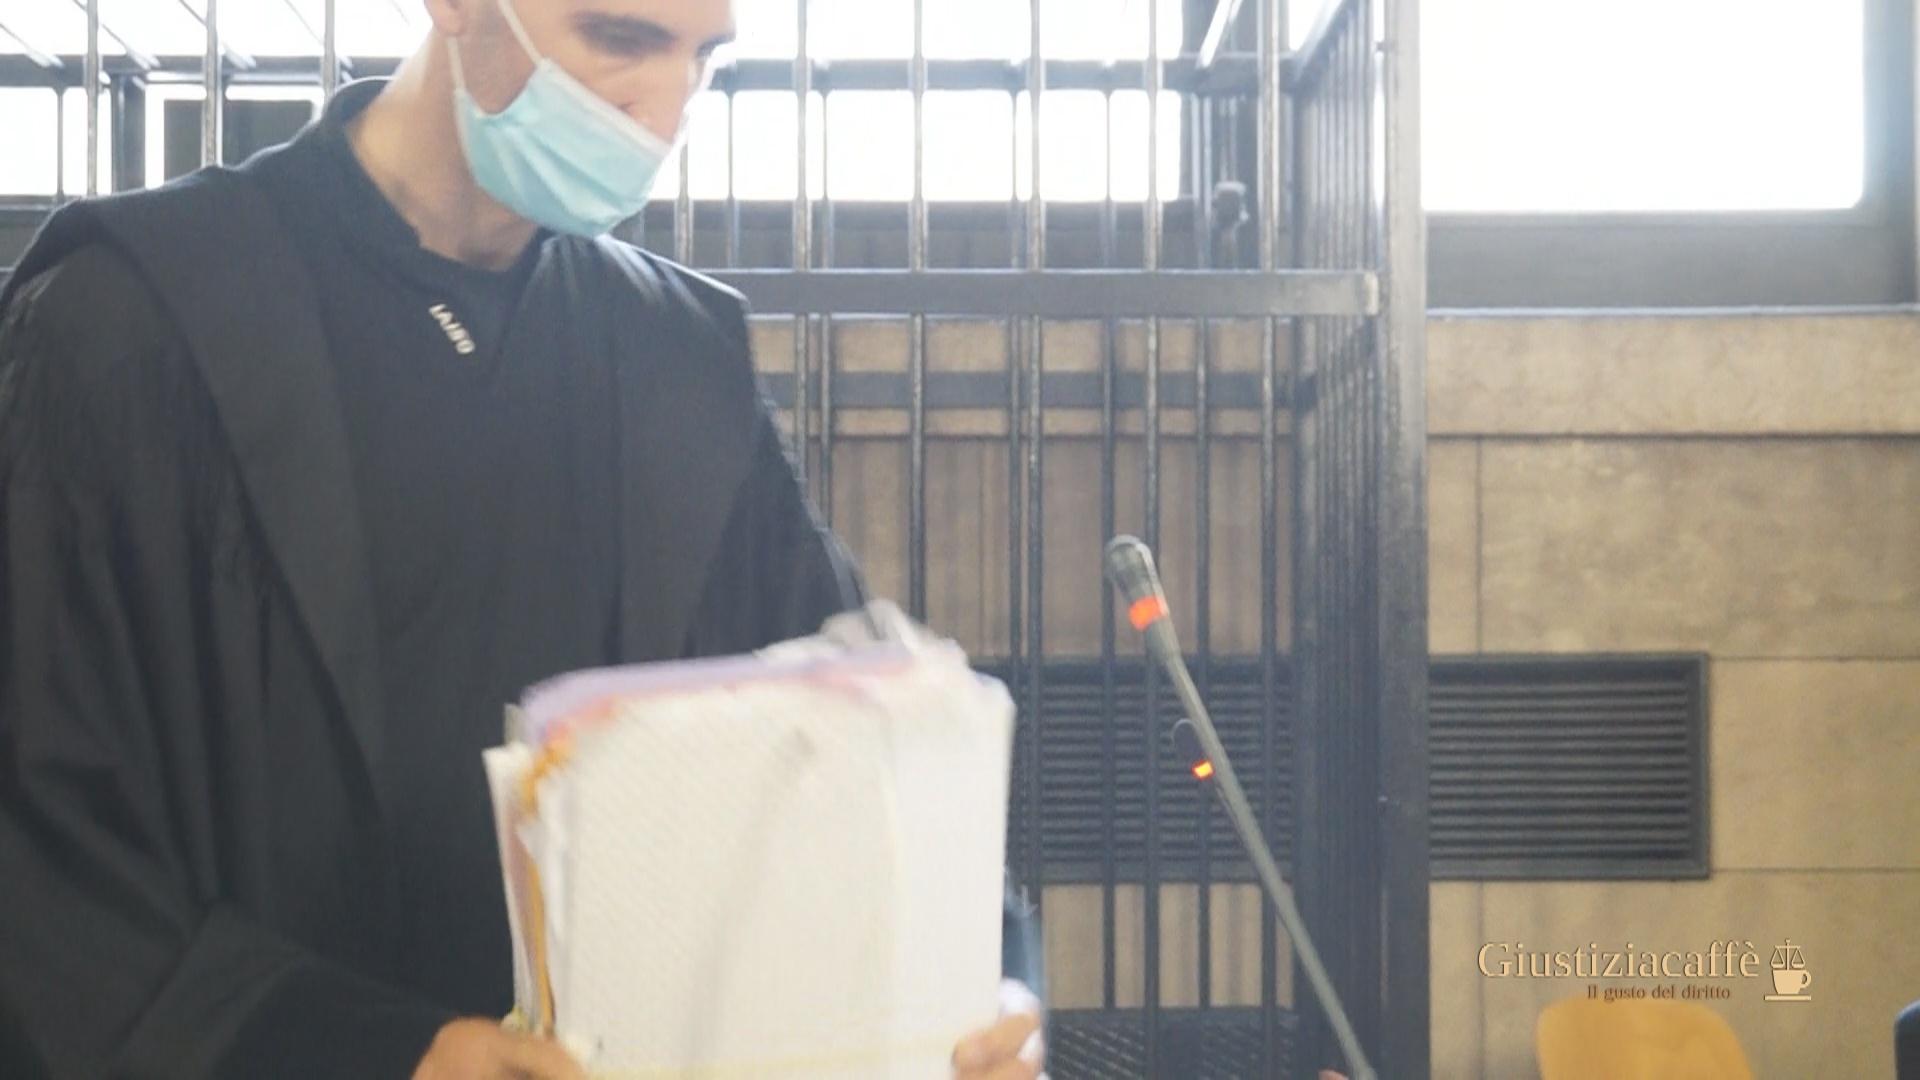 Senza norma ad hoc peril deposito degli atti a firma PEC a rischio molto del lavoro del penalista